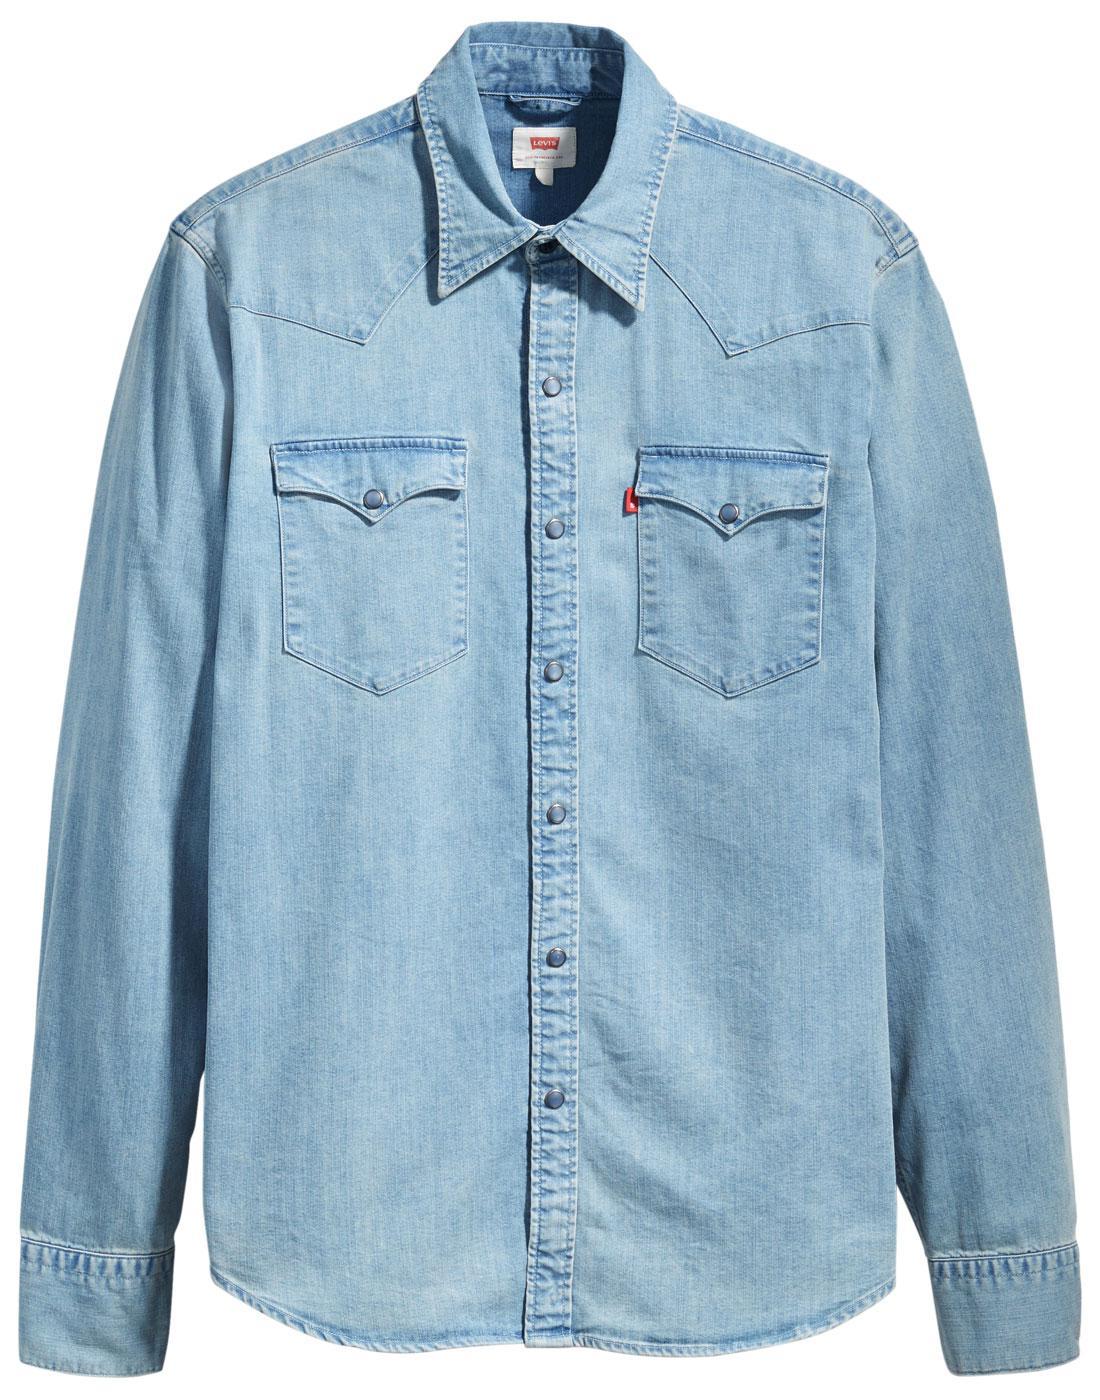 Barstow LEVI'S Retro Brooklyn Denim Western Shirt